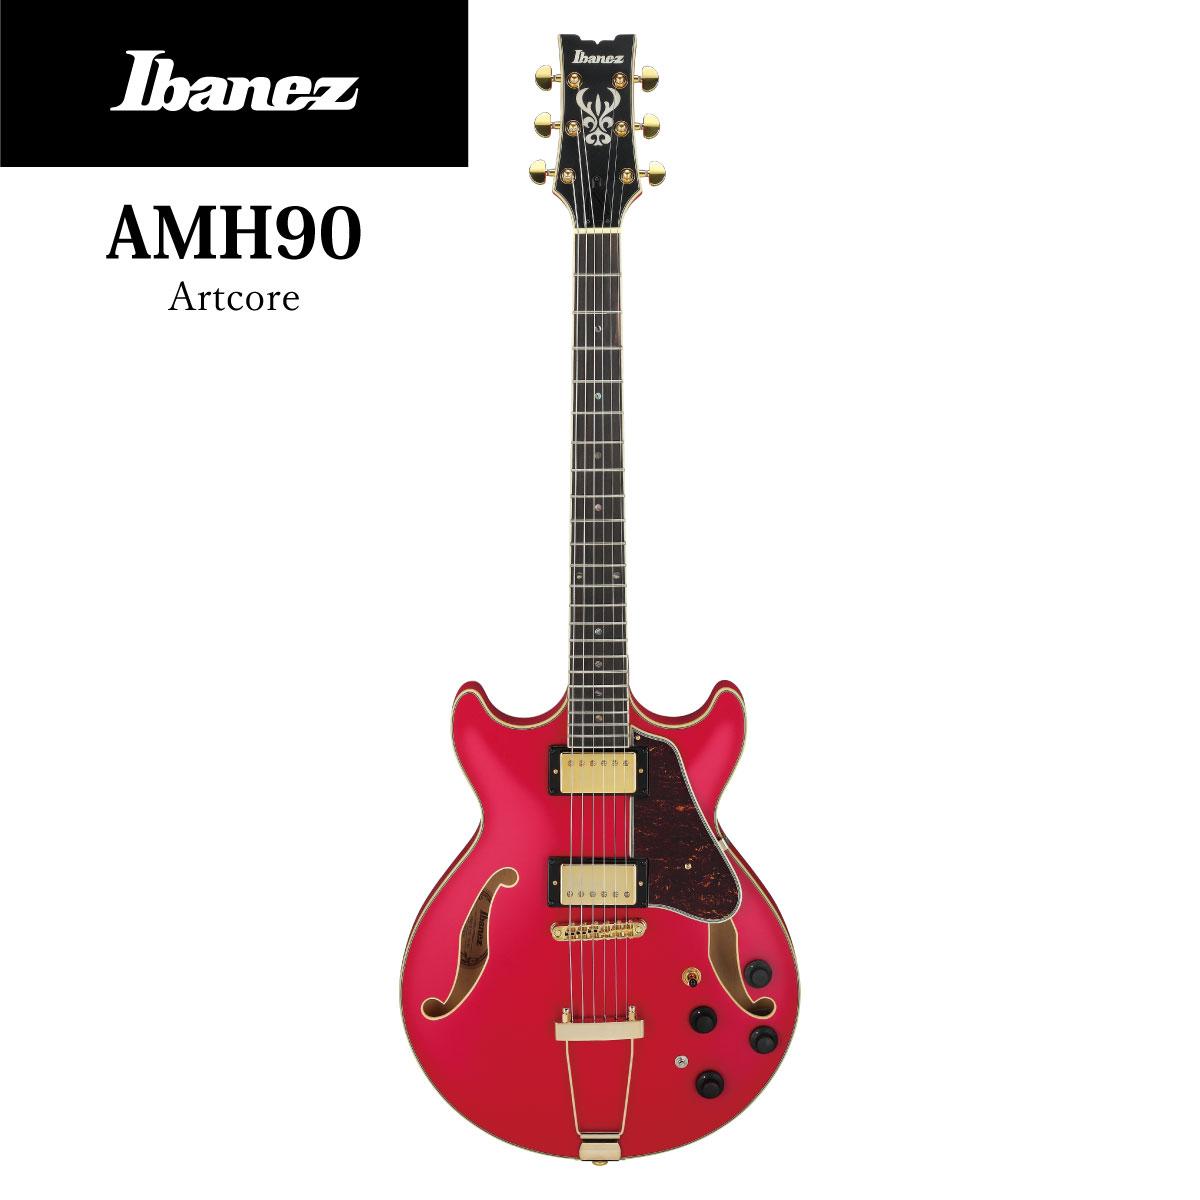 ギター, エレキギター Ibanez AMH90 -CRF(Cherry Red Flat)- Pink,,,Electric Guitar,